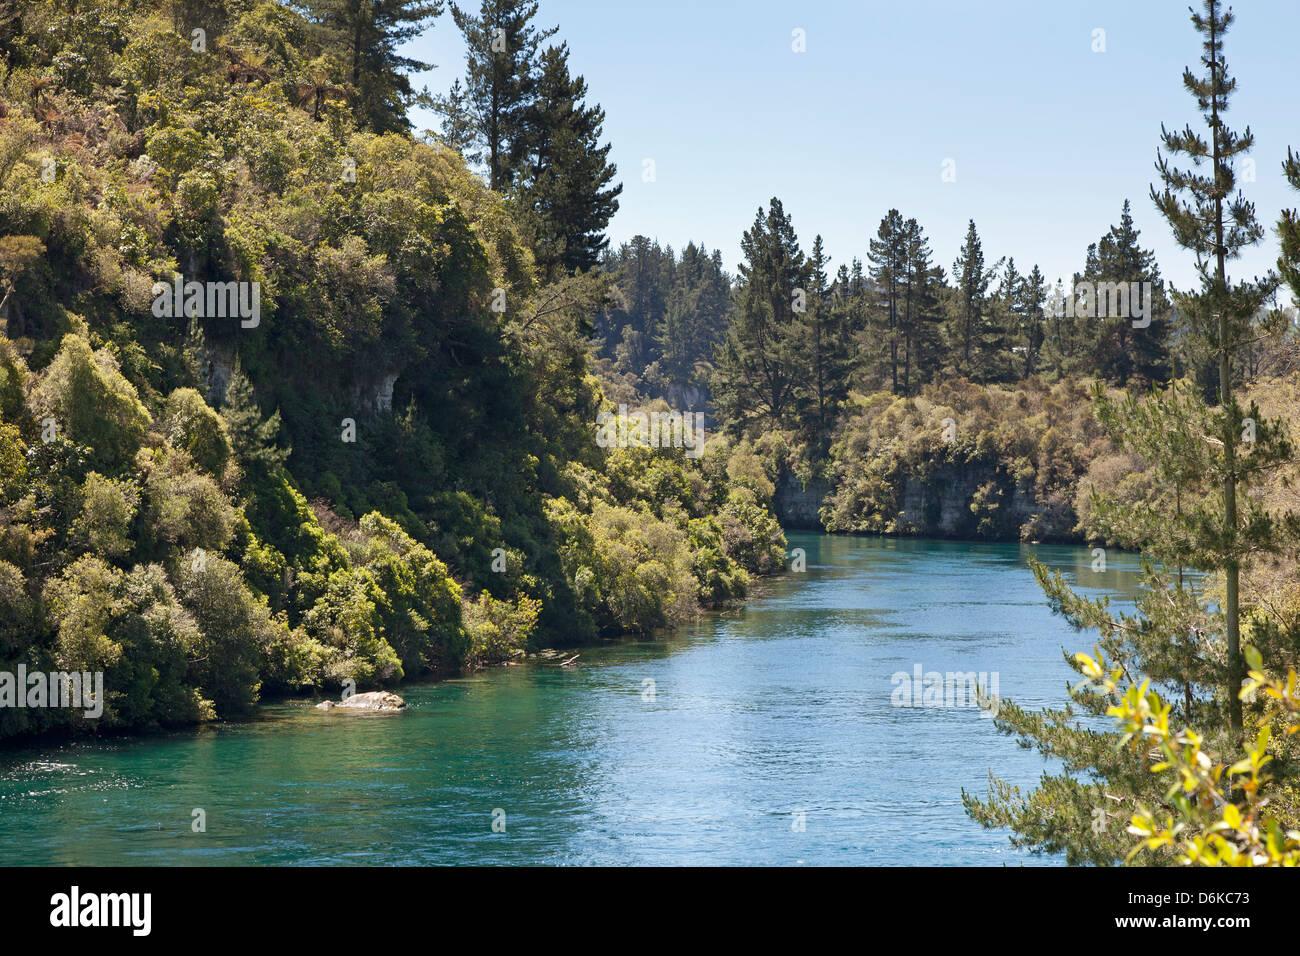 The Waikato River near Taupo New Zealand - Stock Image